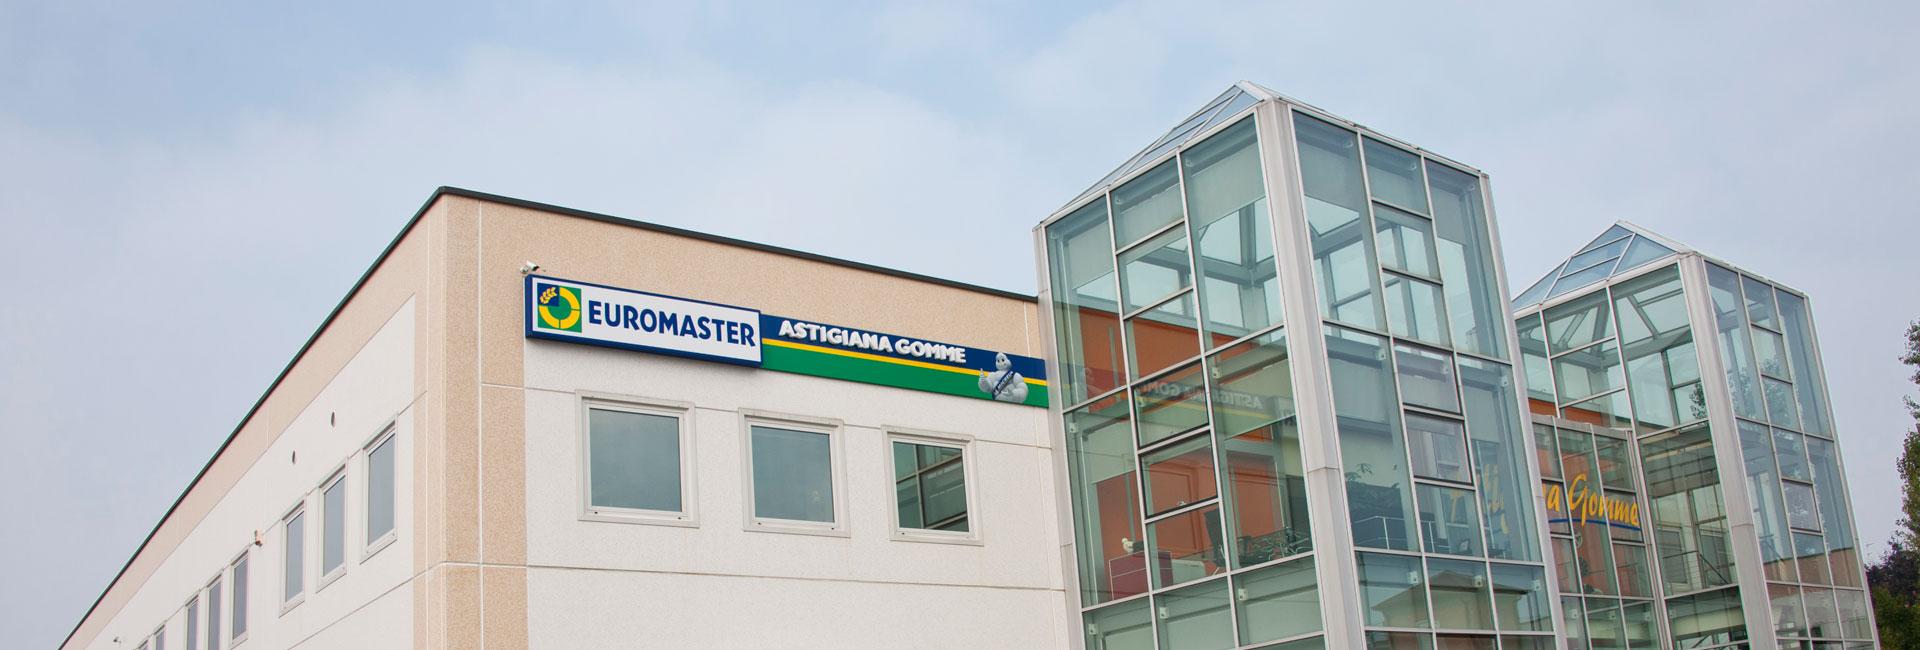 centro euromaster astigiana gomme